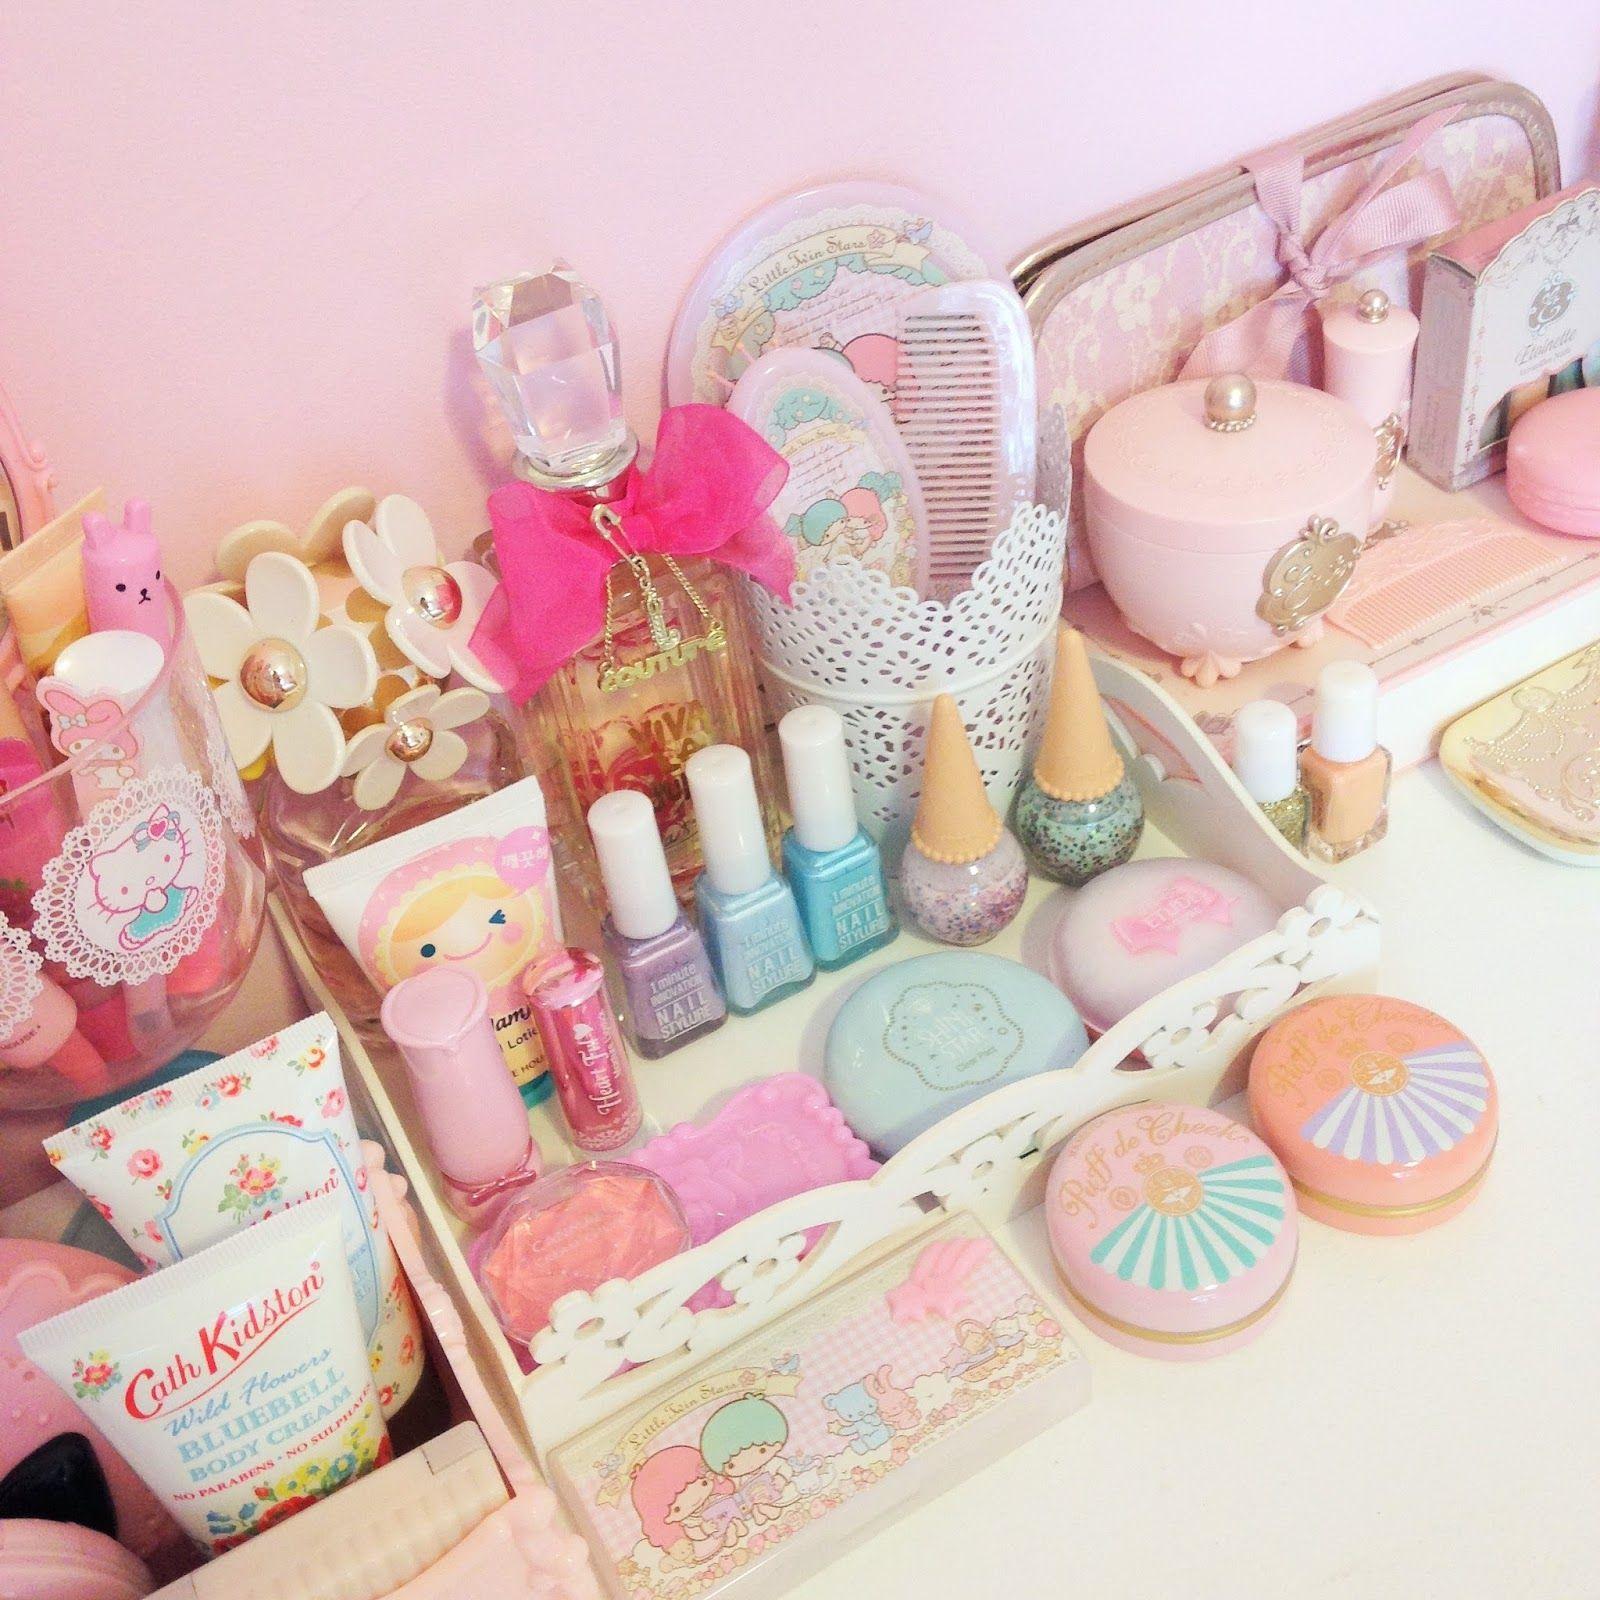 Kawaii Life and Pink Everything + Lolita fashion   Home decor ...